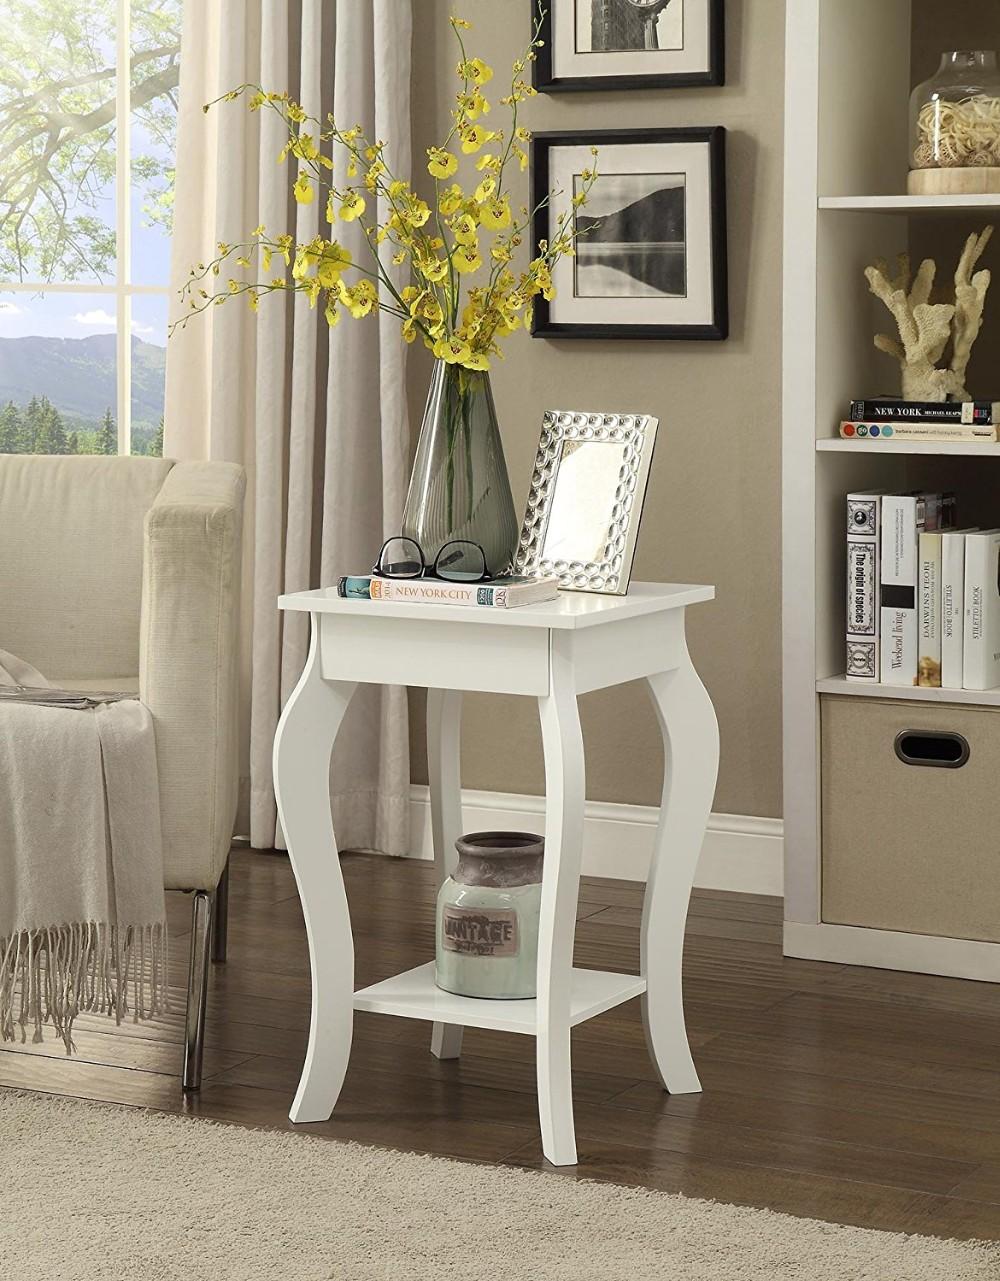 living room furniture white bedside table wooden corner